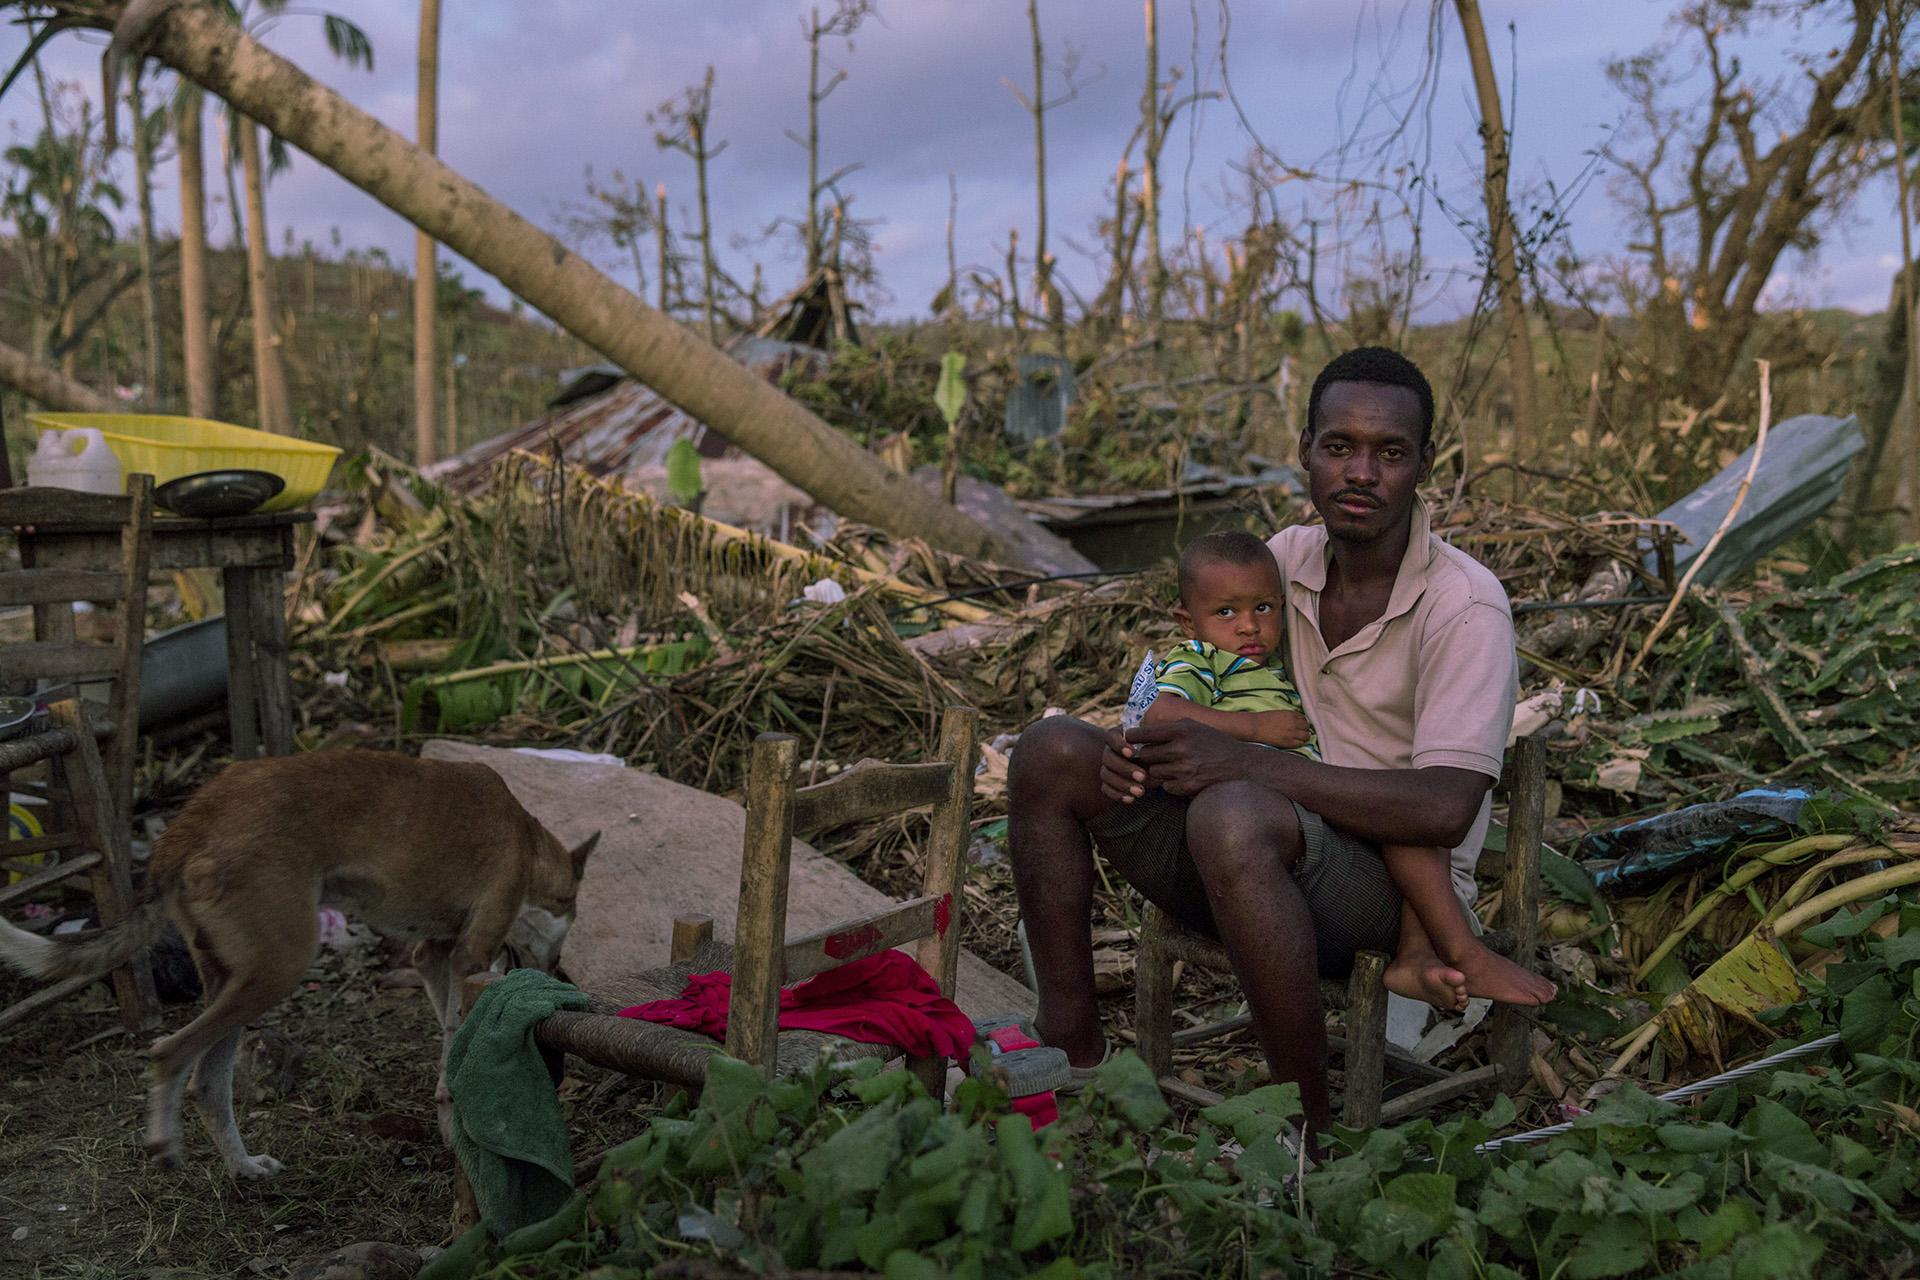 PORT SALUT, HAITÍ: Un hombre sentado junto a su hijo en lo que quedó de su hogar cerca de Port-Salut, en el sureste de Haití. El huracán Matthew arrasó en el Caribe el 4 de octubre, devastando grandes partes de la isla (©Andrew McConnell/Panos Pictures)